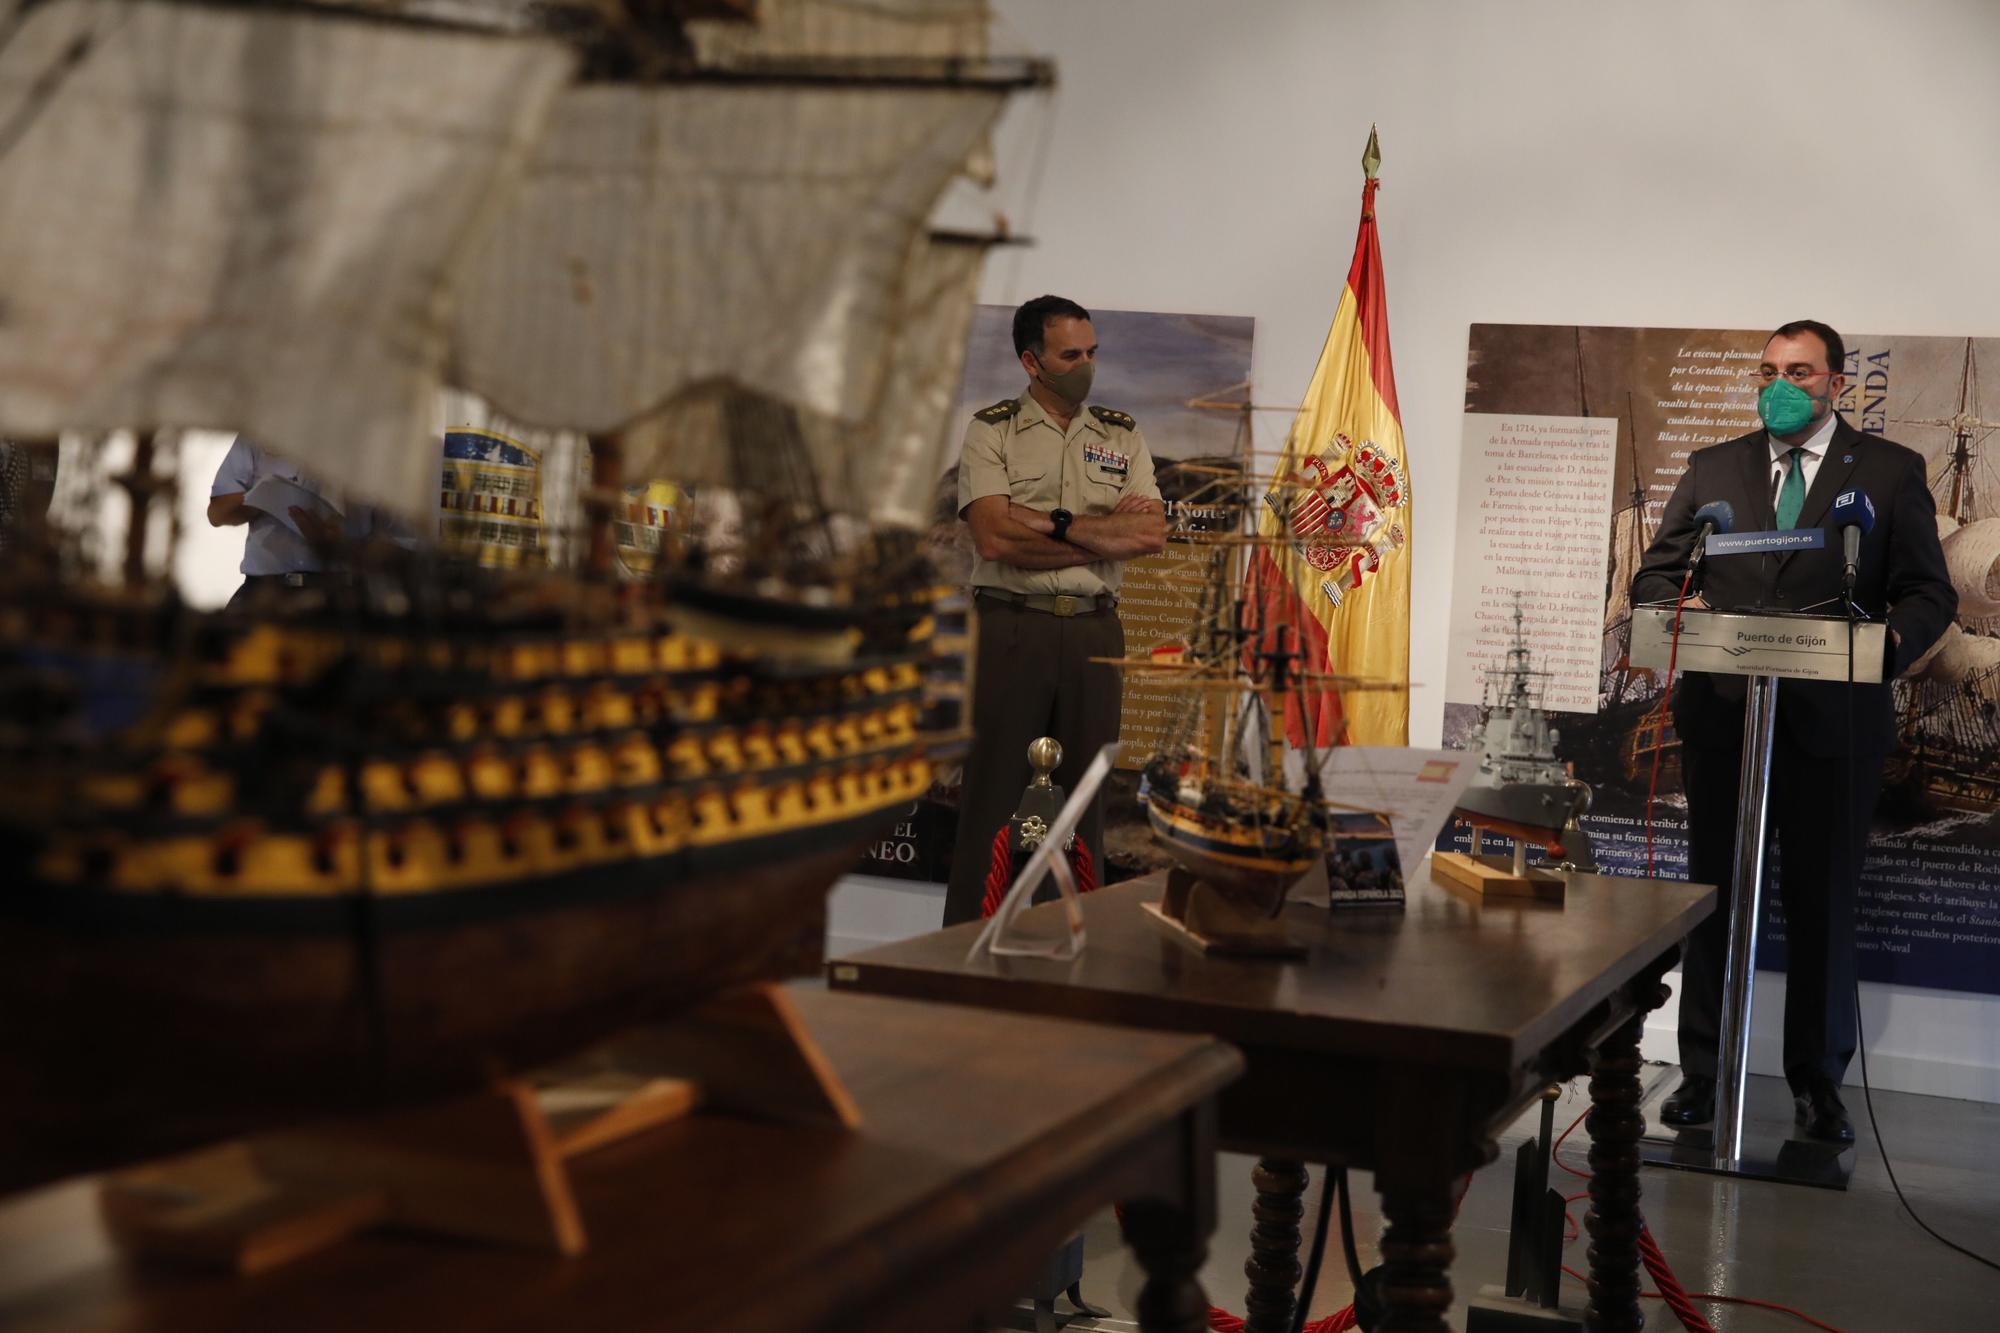 Exposici�n sobre Blas de Lezo en la Antigua Rula (5).jpg